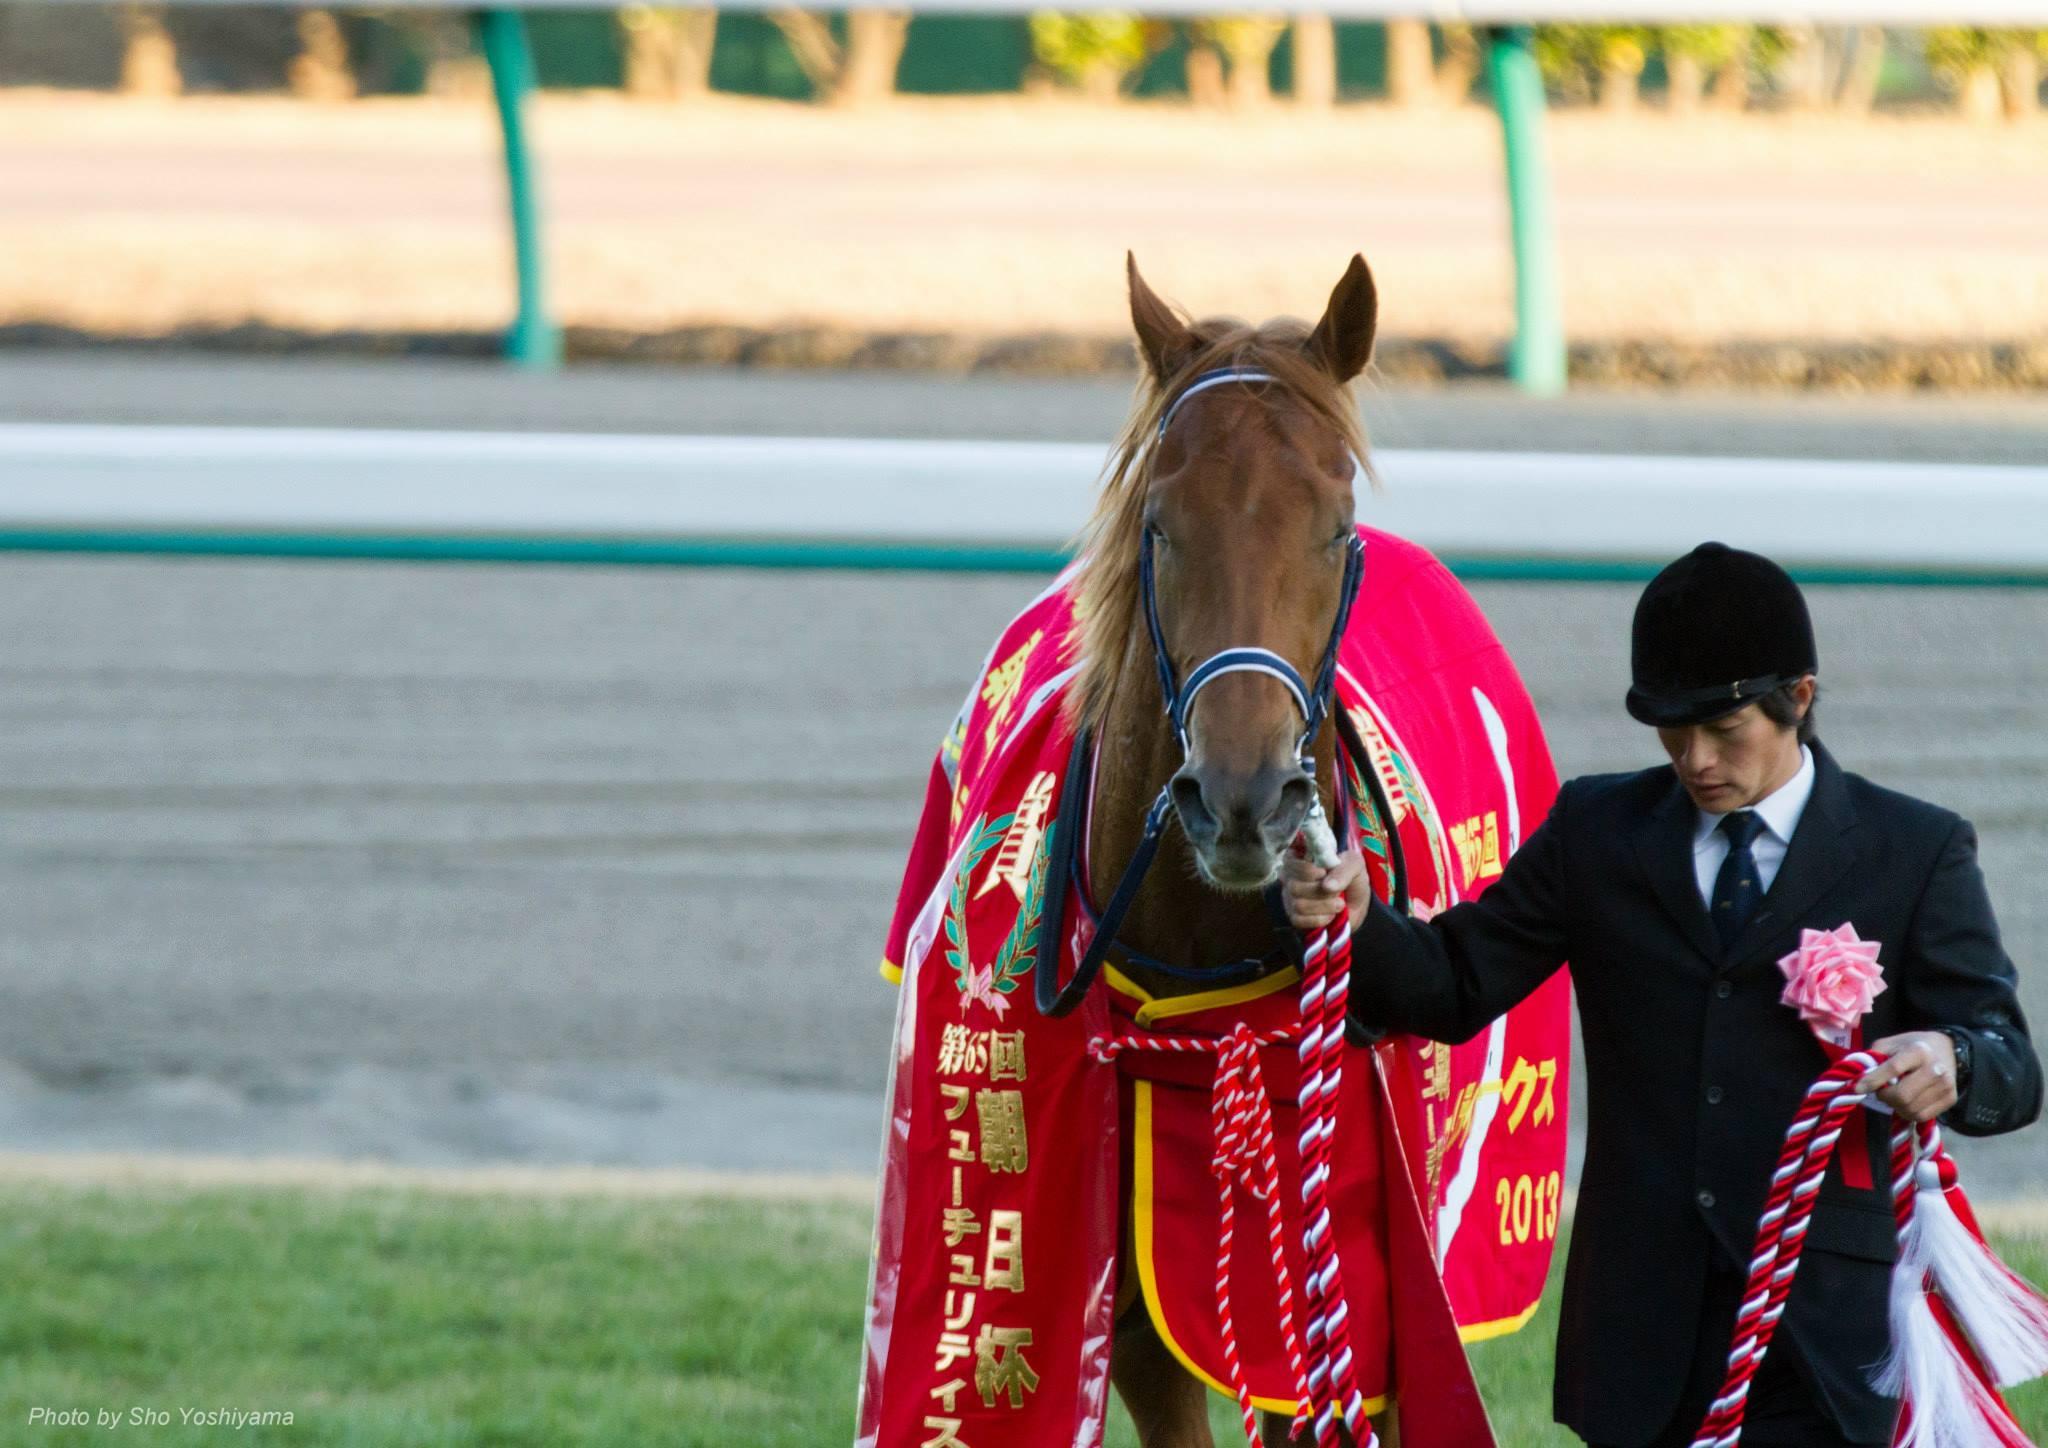 【朝日杯フューチュリティステークス2015予想】2週連続の田村厩舎のVある!?